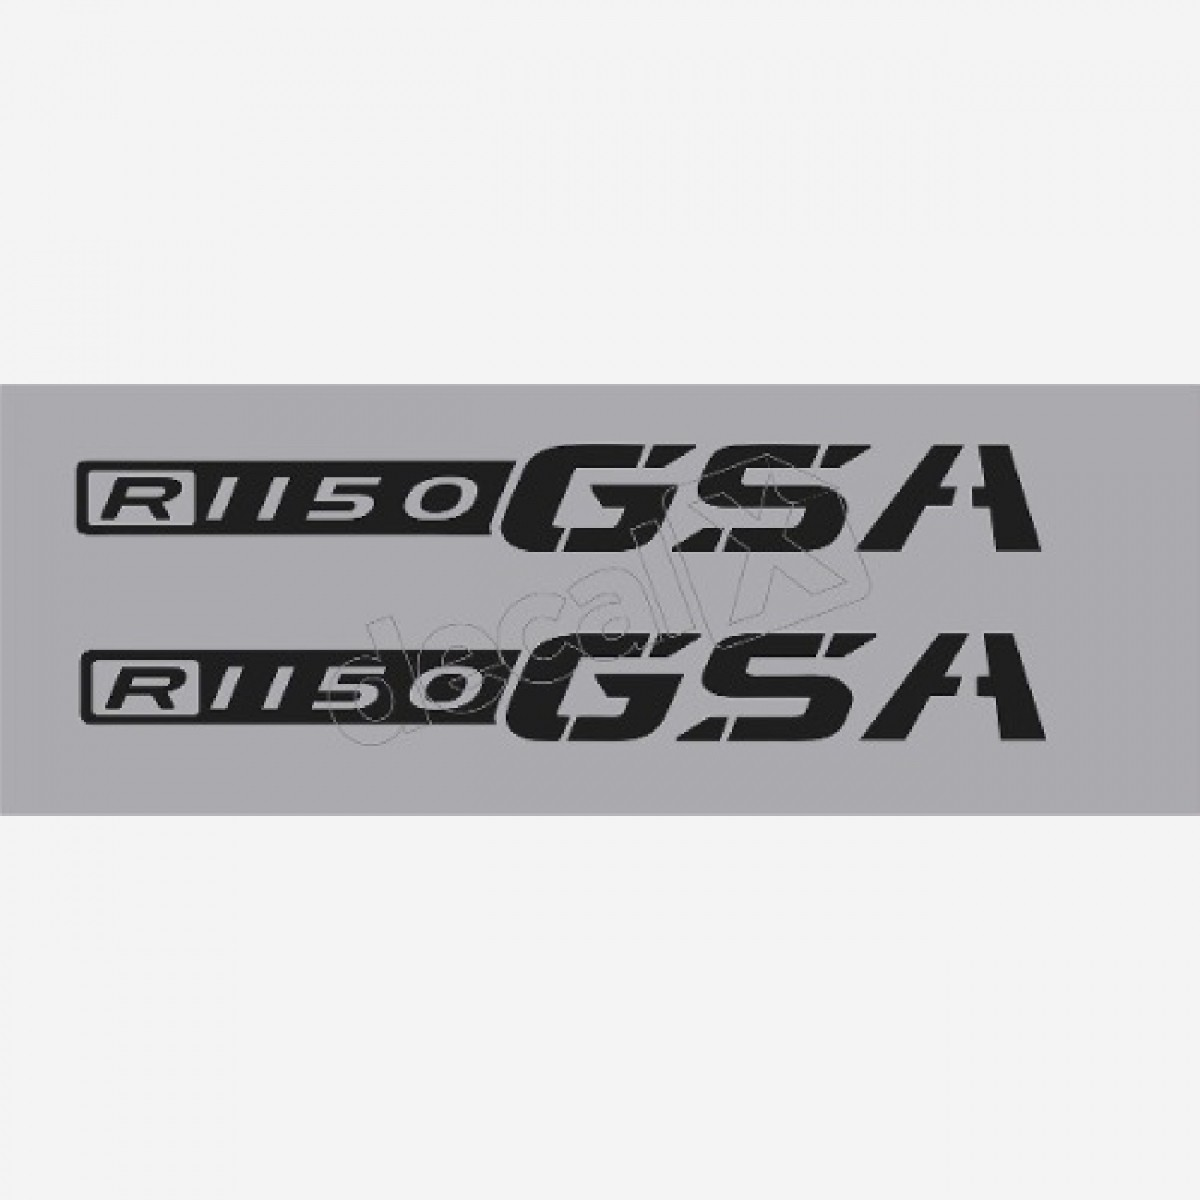 Emblema Adesivo Bmw R1150gsa Par Decalx